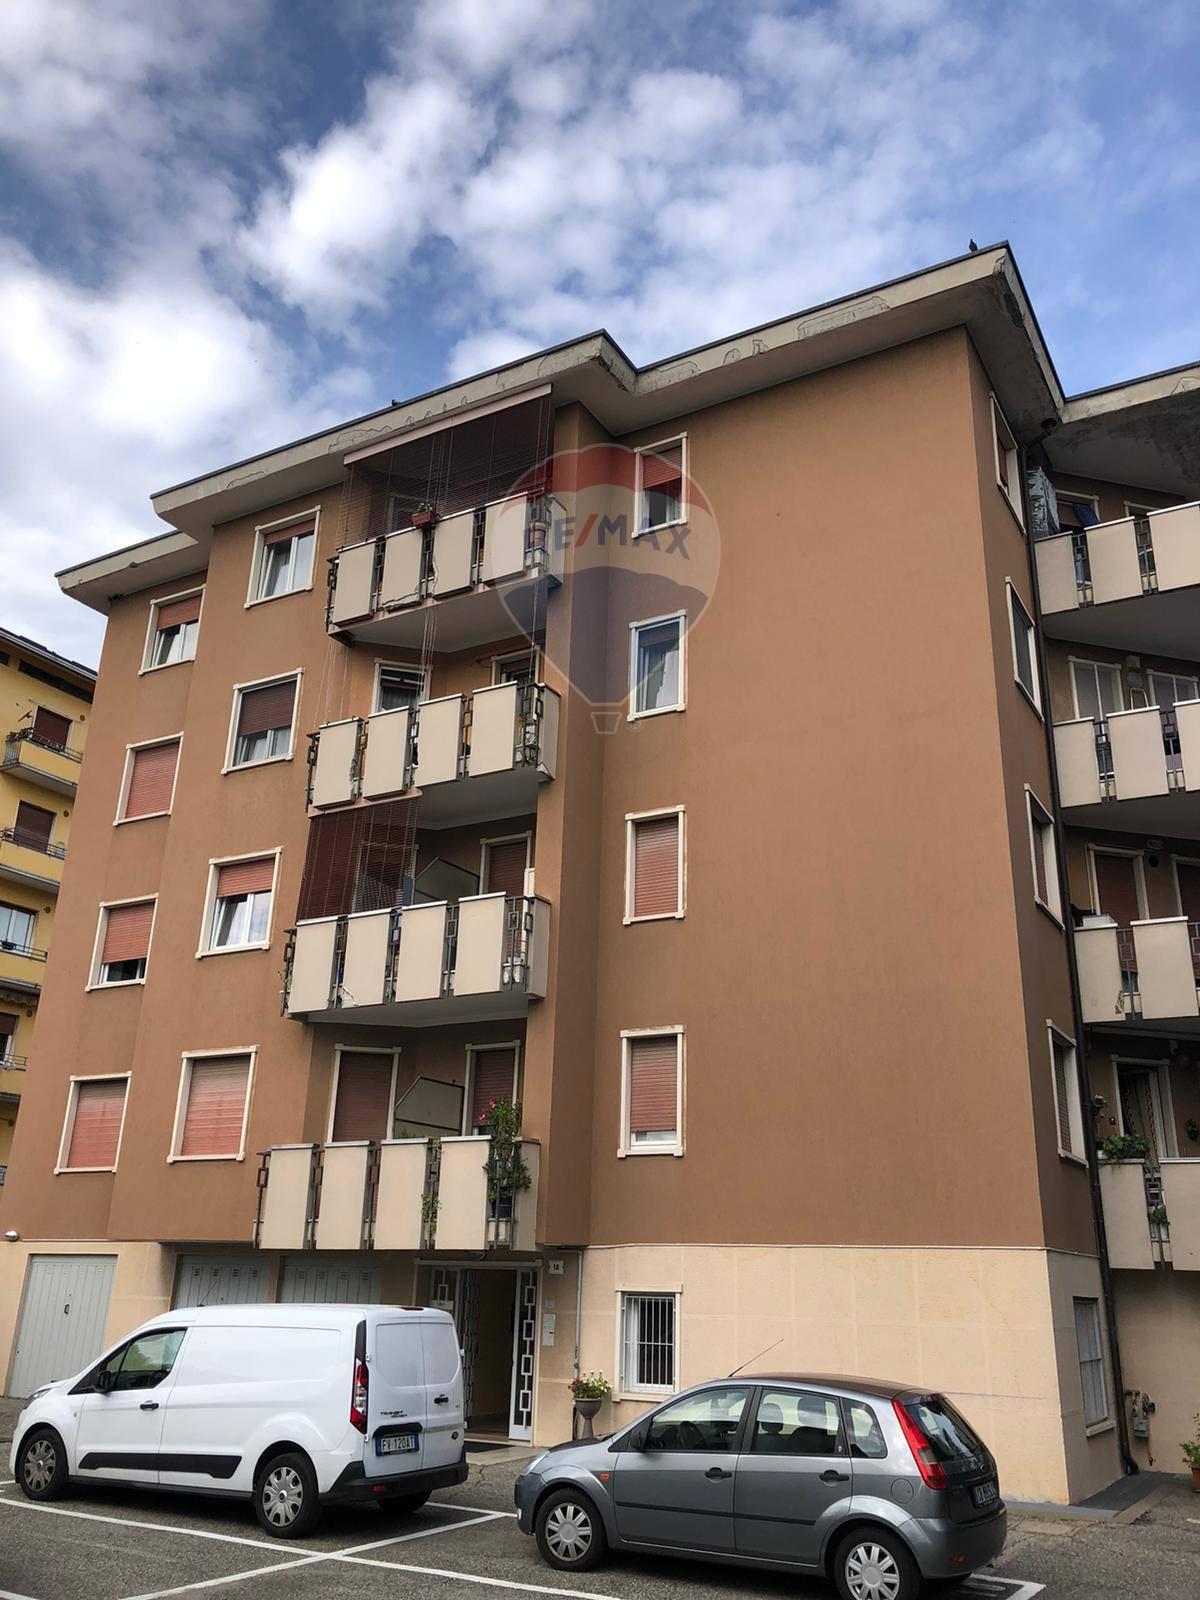 Appartamento in affitto a Varese, 2 locali, zona Località: ZonaBorri/ospedali, prezzo € 700 | CambioCasa.it